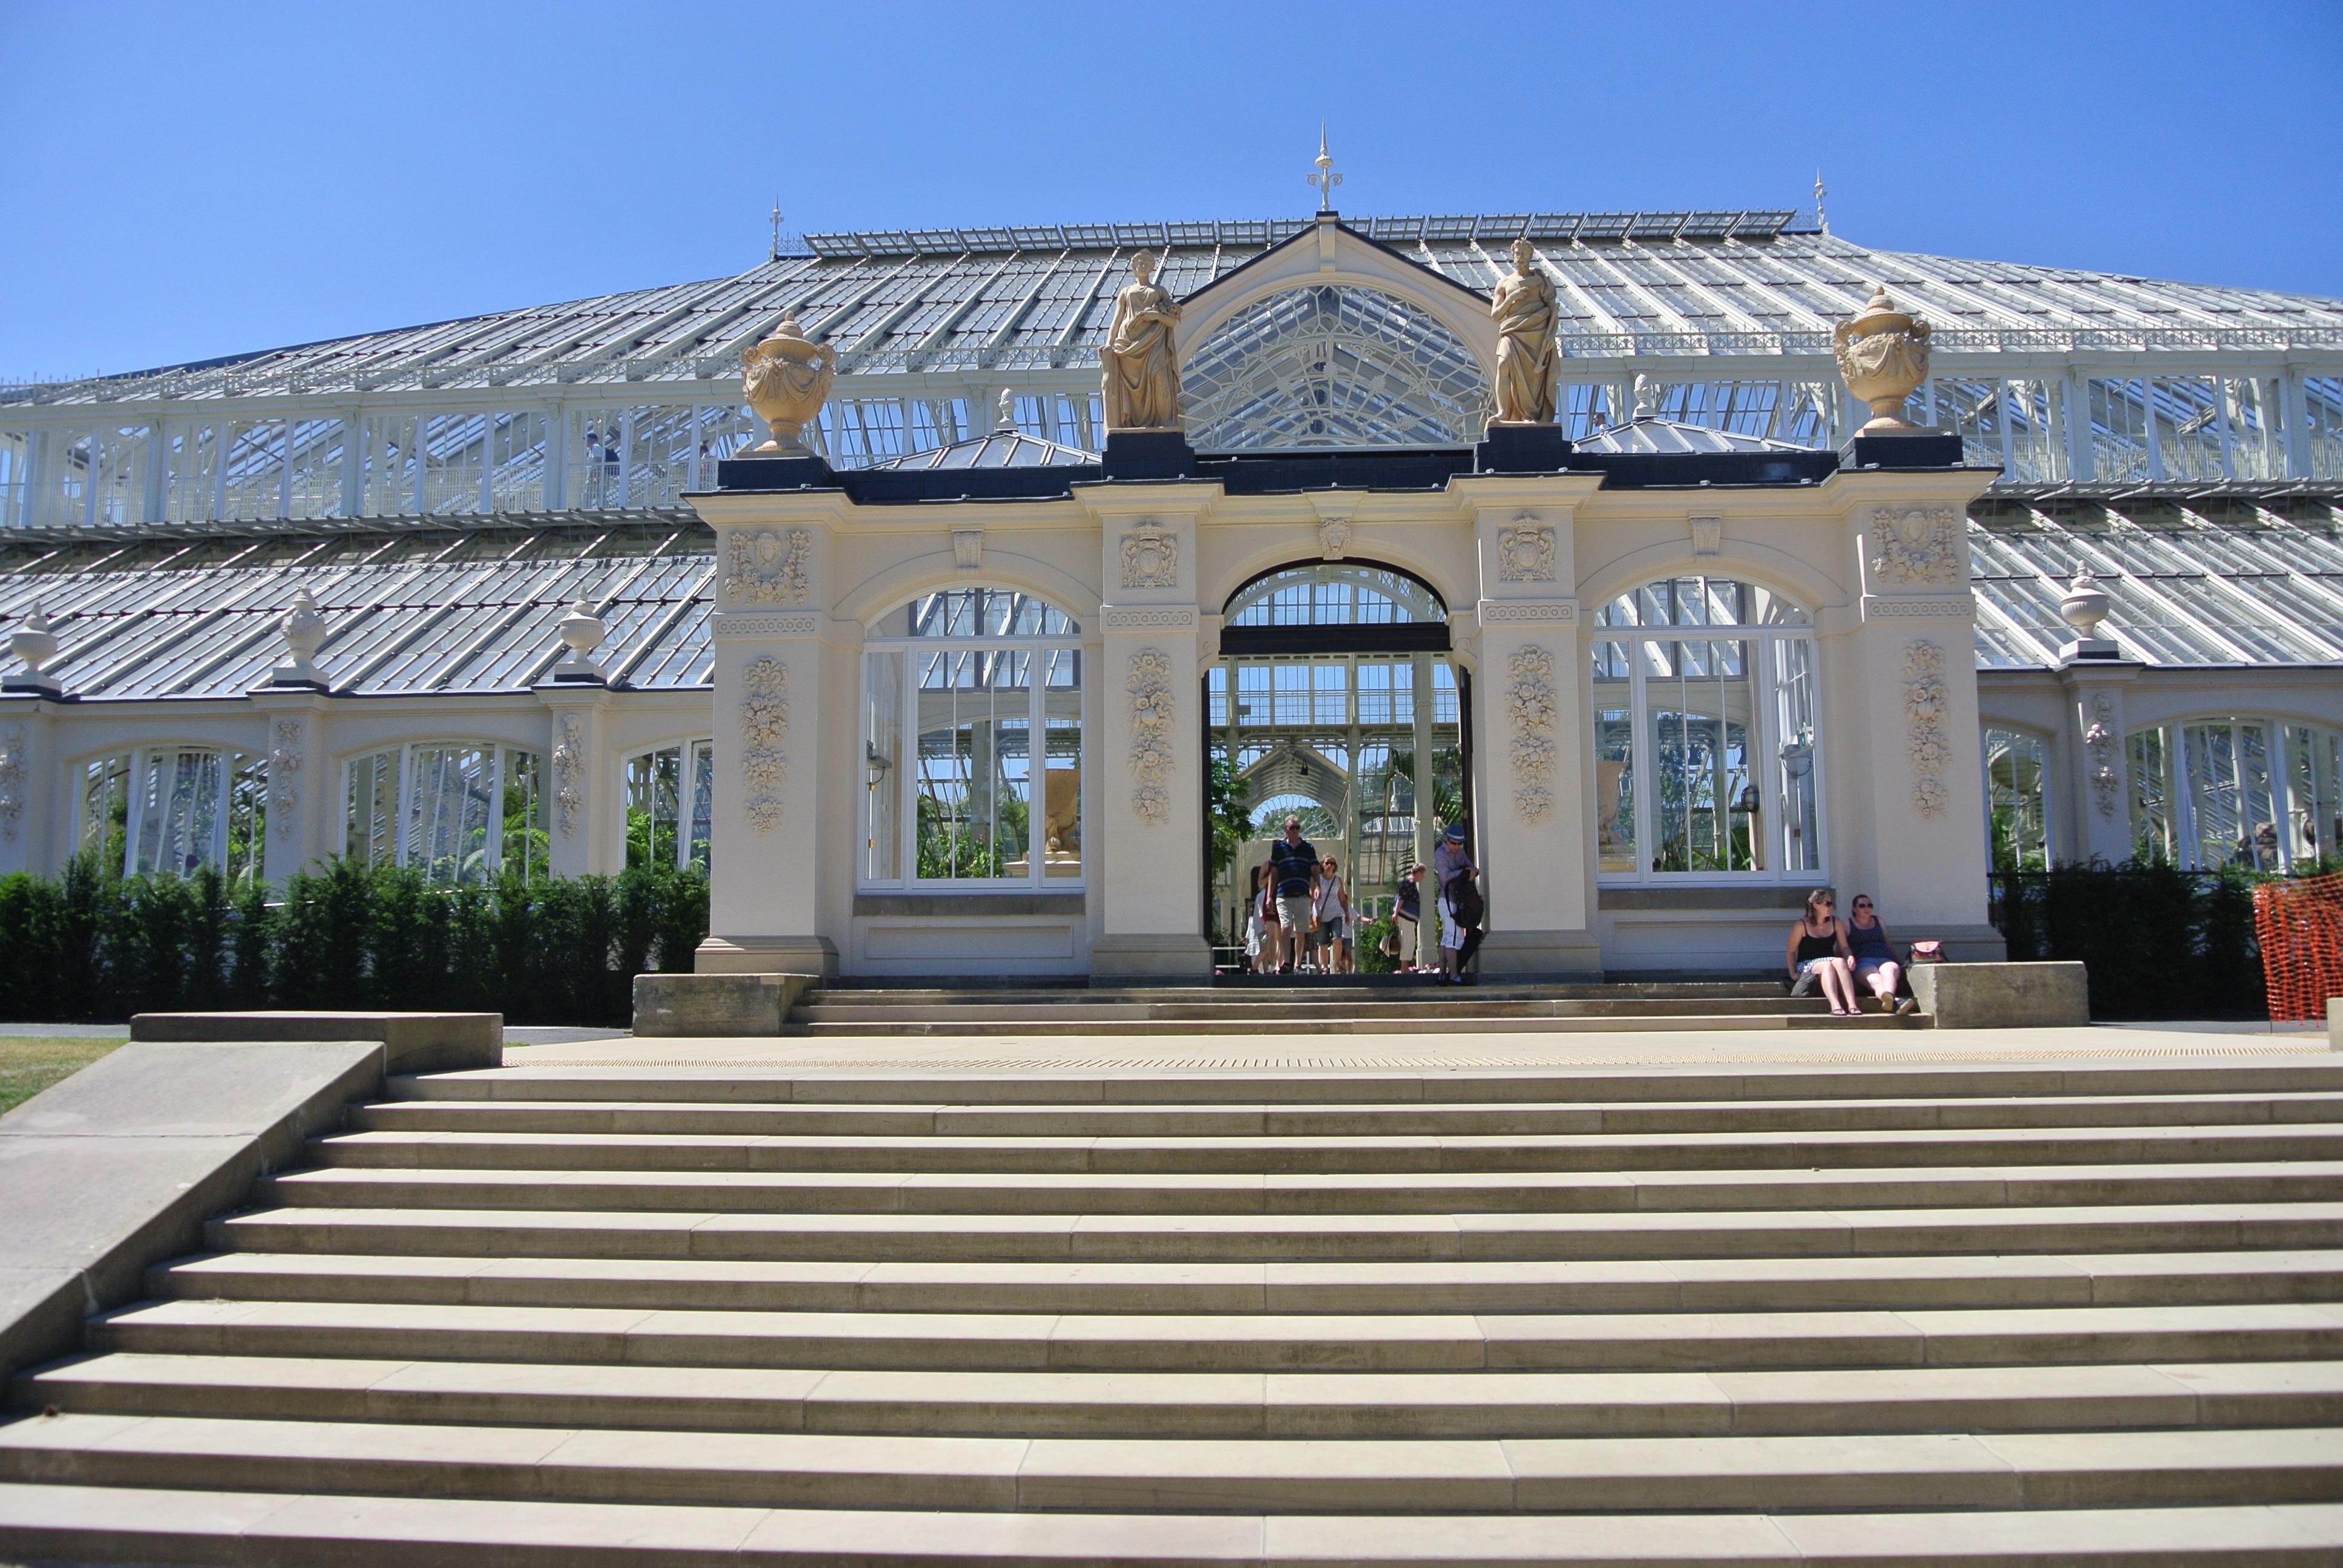 Royal Botanic Gardens, Kew - photo by Juliamaud